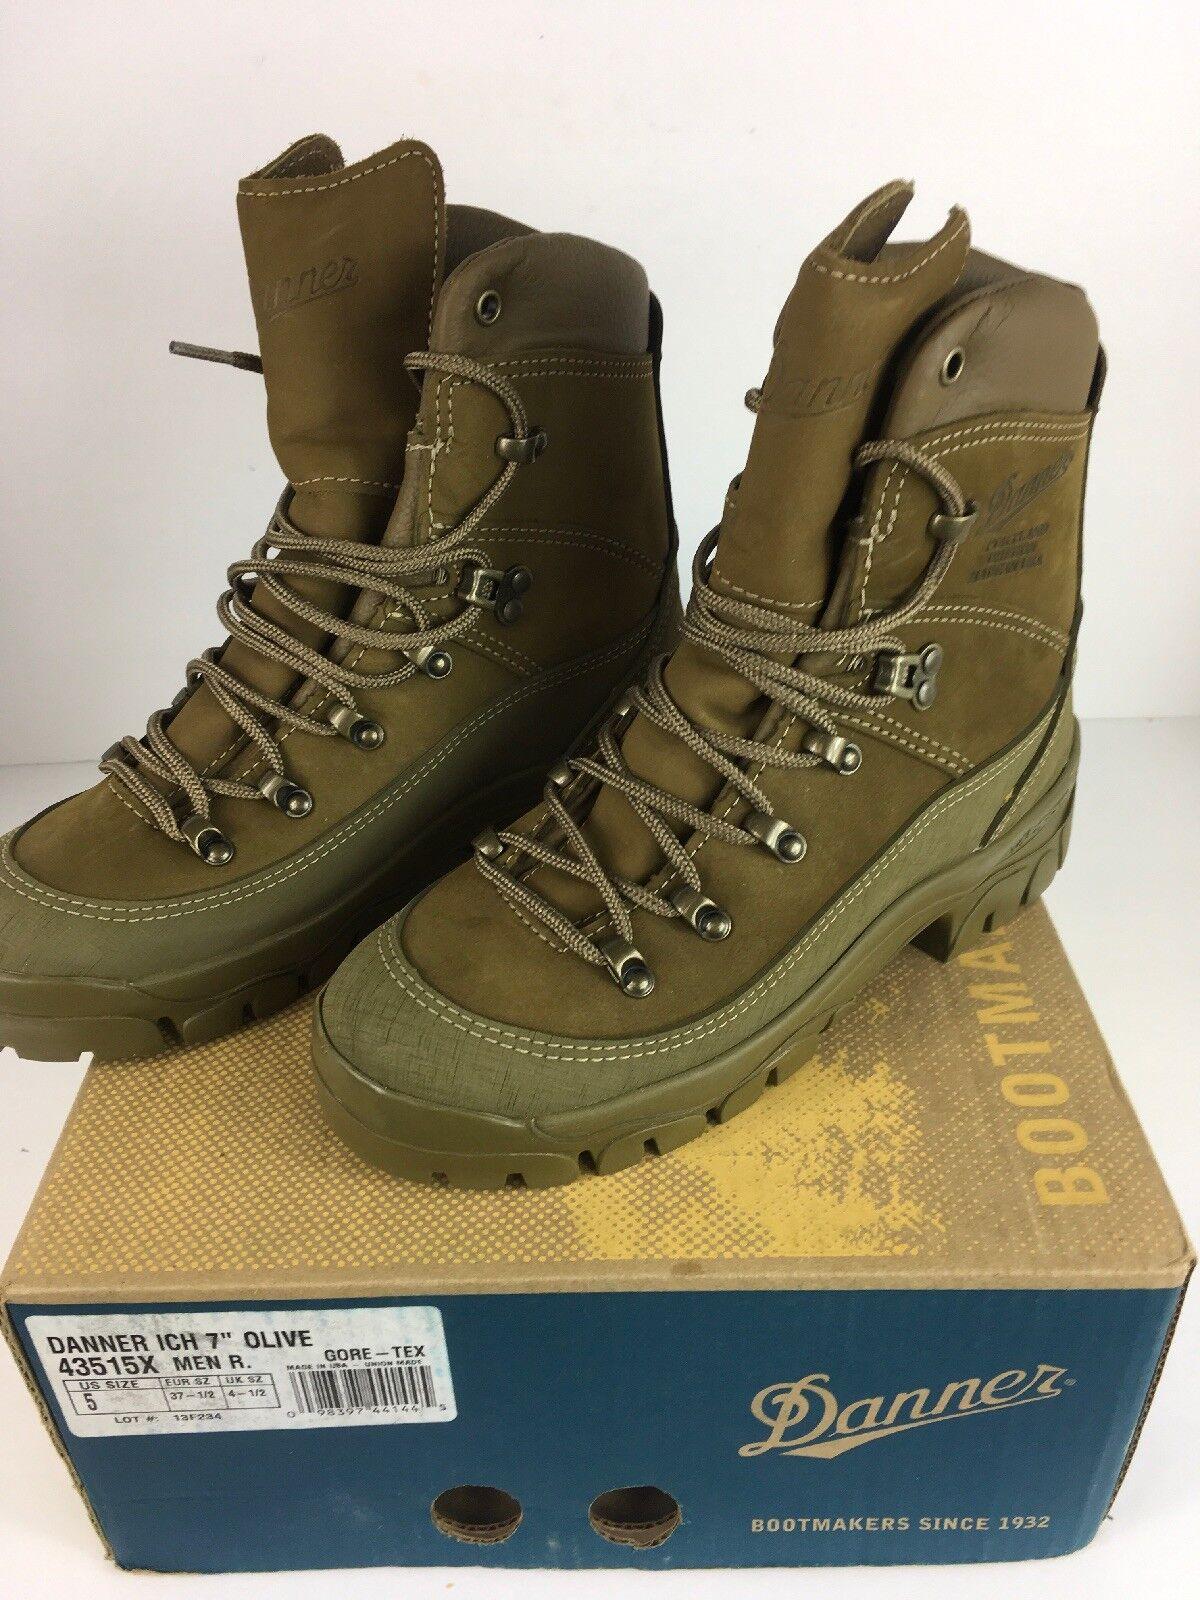 Danner 43515X ich 7  verde Oliva botas Militares De Hombre Portland Oregon Nuevo en Caja